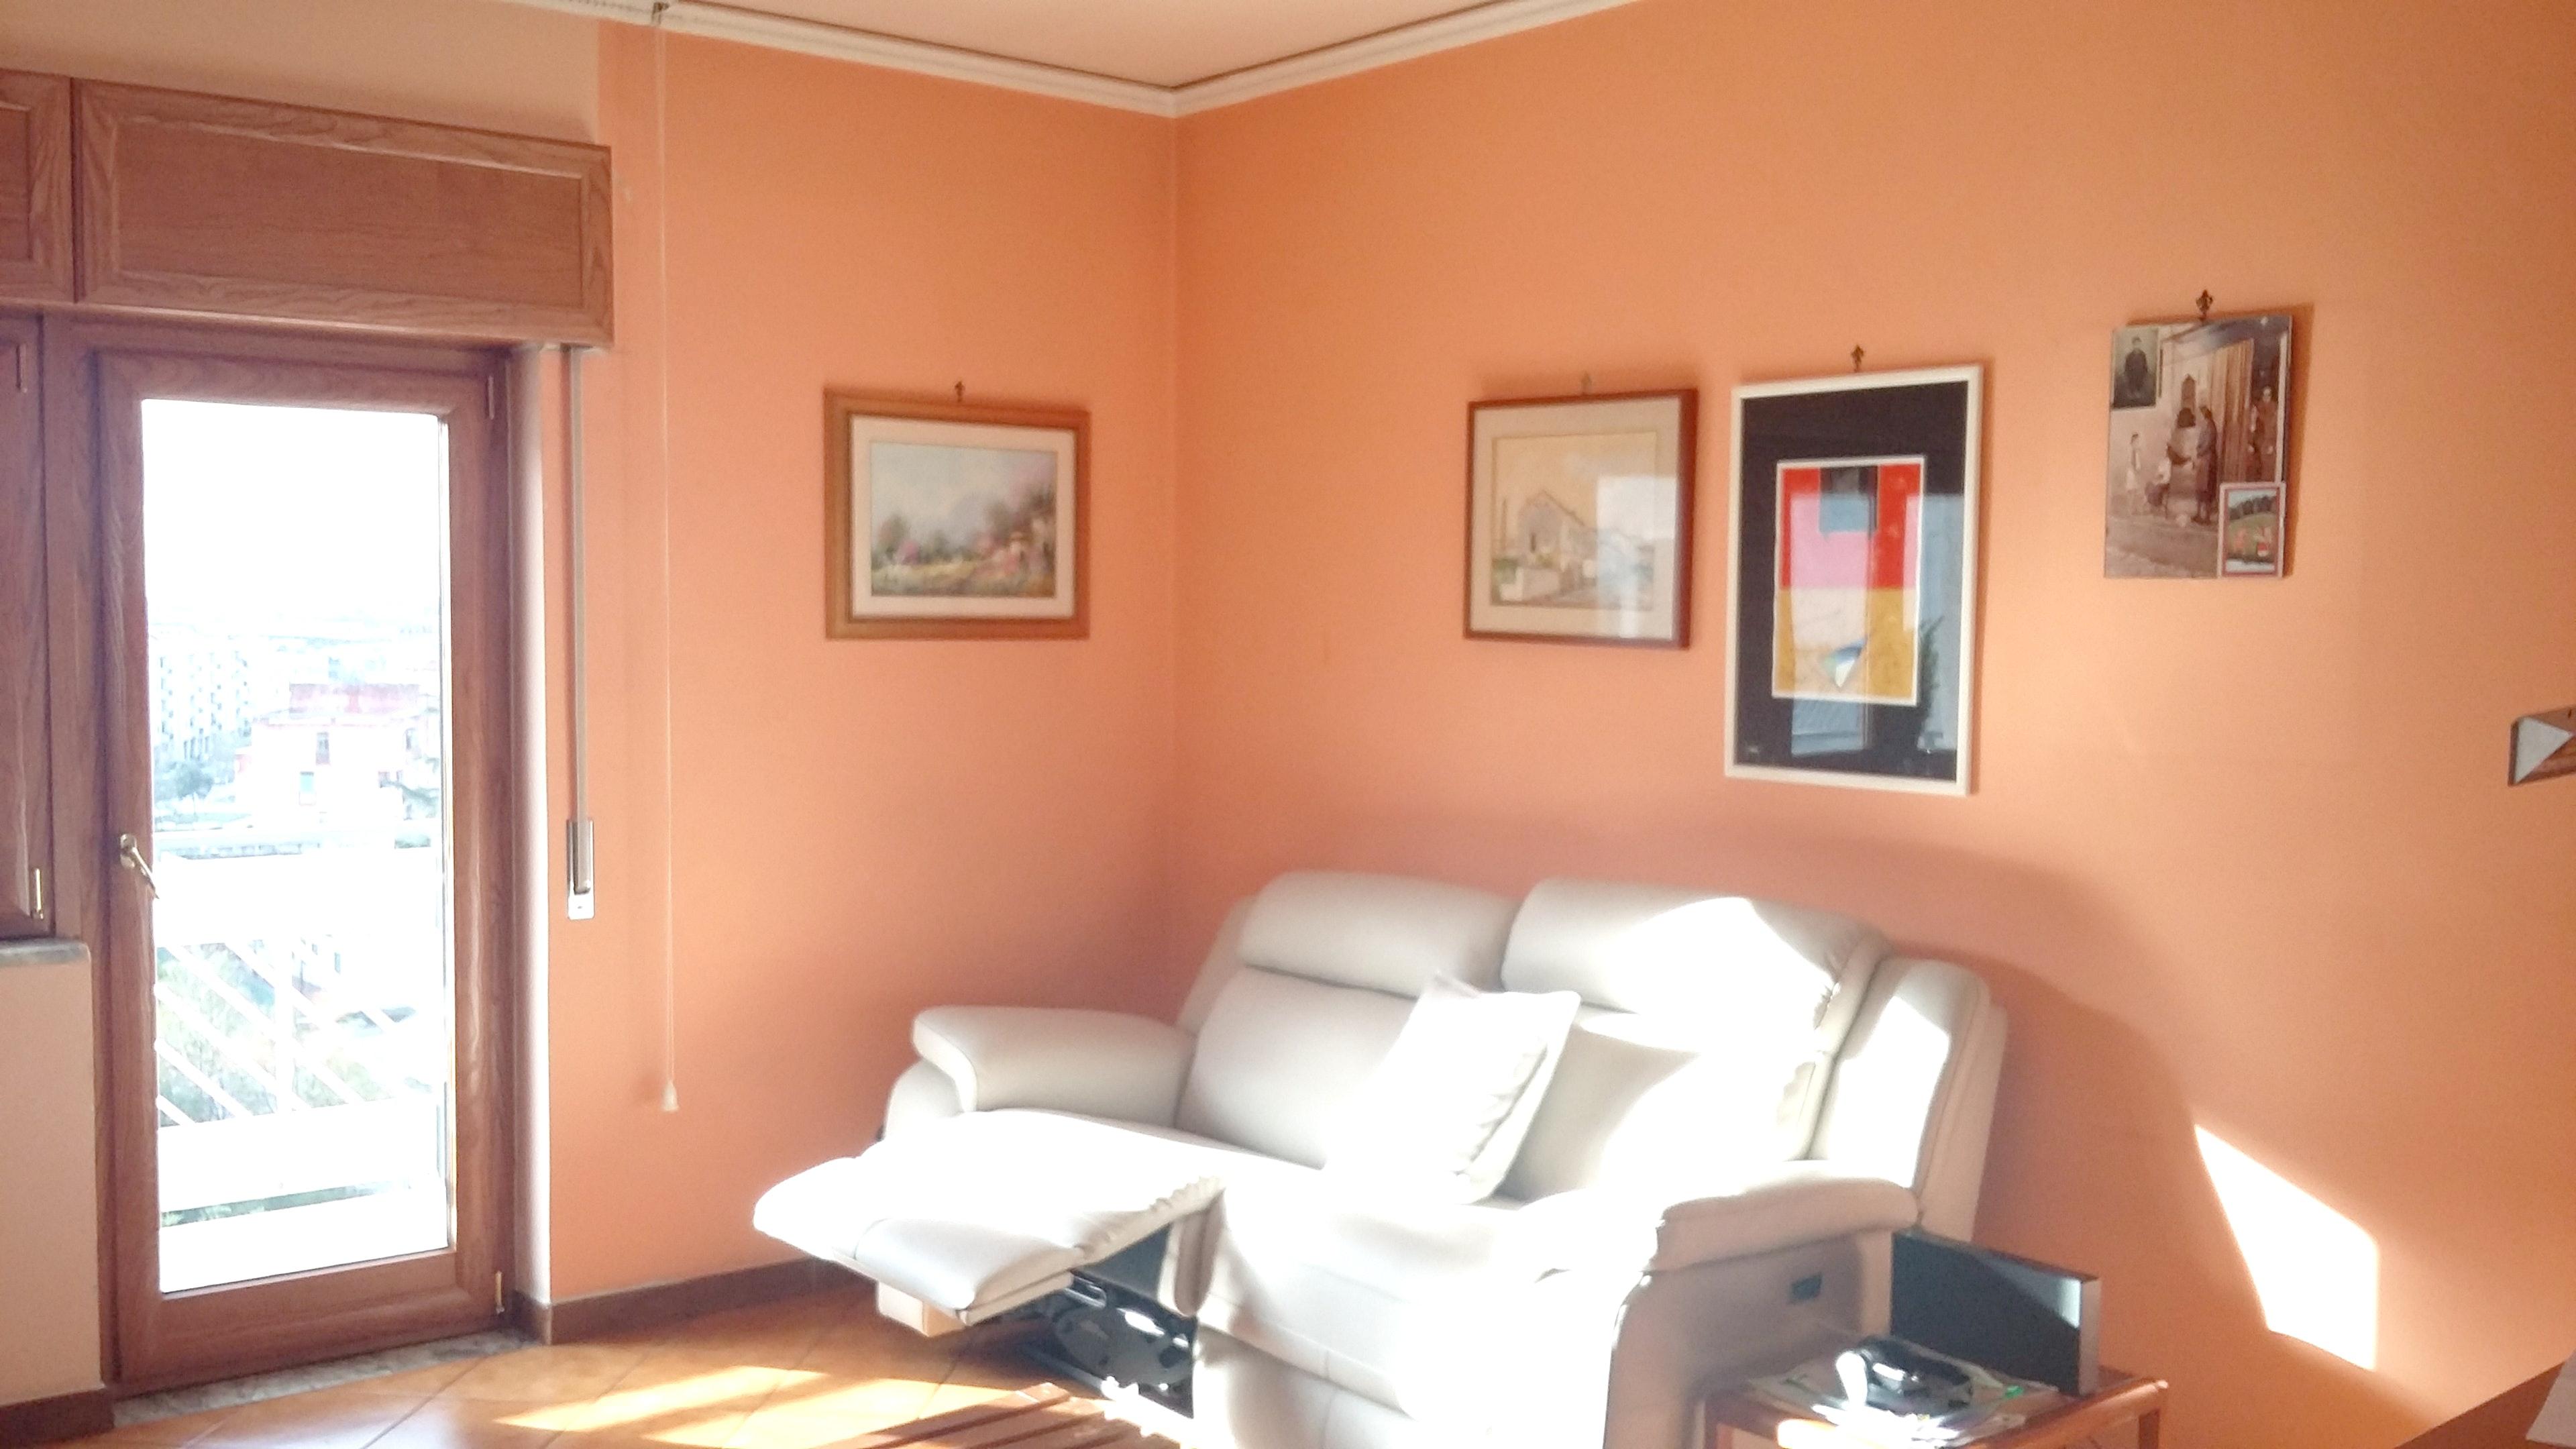 Ferienwohnung Wohnung mit 3 Schlafzimmern in Angri mit schöner Aussicht auf die Stadt und möbliertem Bal (2557376), Angri, Salerno, Kampanien, Italien, Bild 2